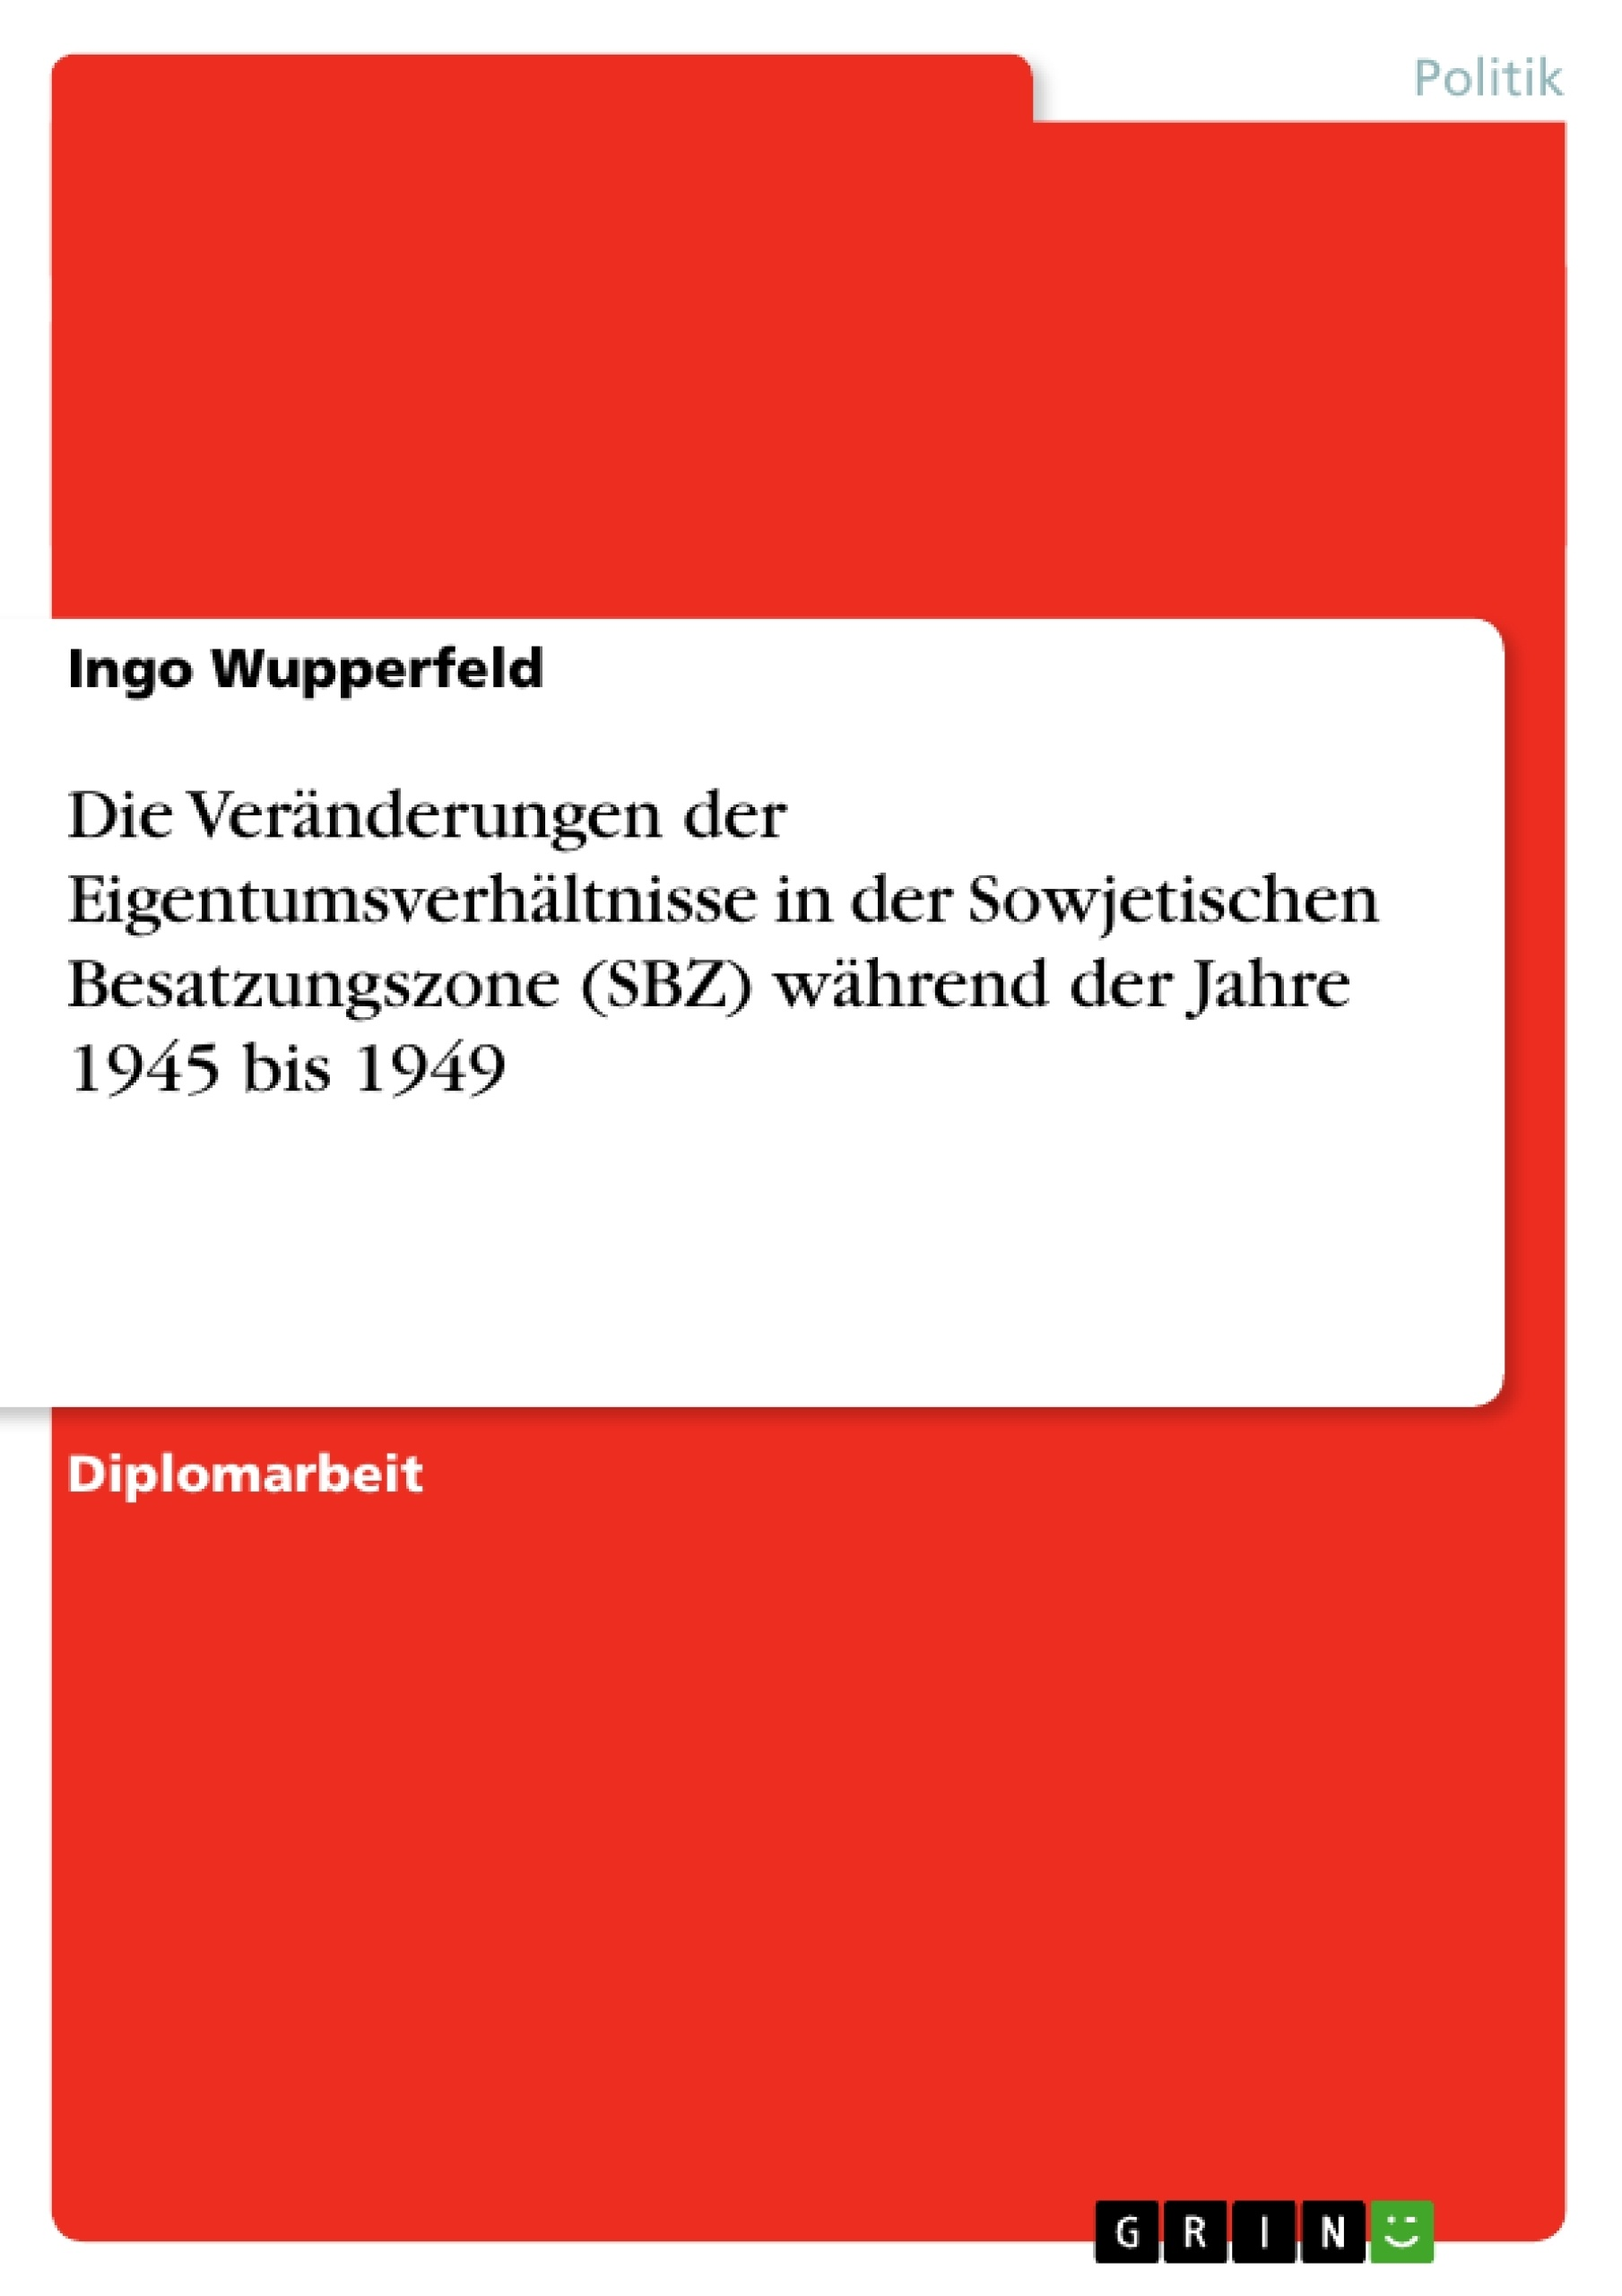 Titel: Die Veränderungen der Eigentumsverhältnisse in der Sowjetischen Besatzungszone (SBZ) während der Jahre 1945 bis 1949